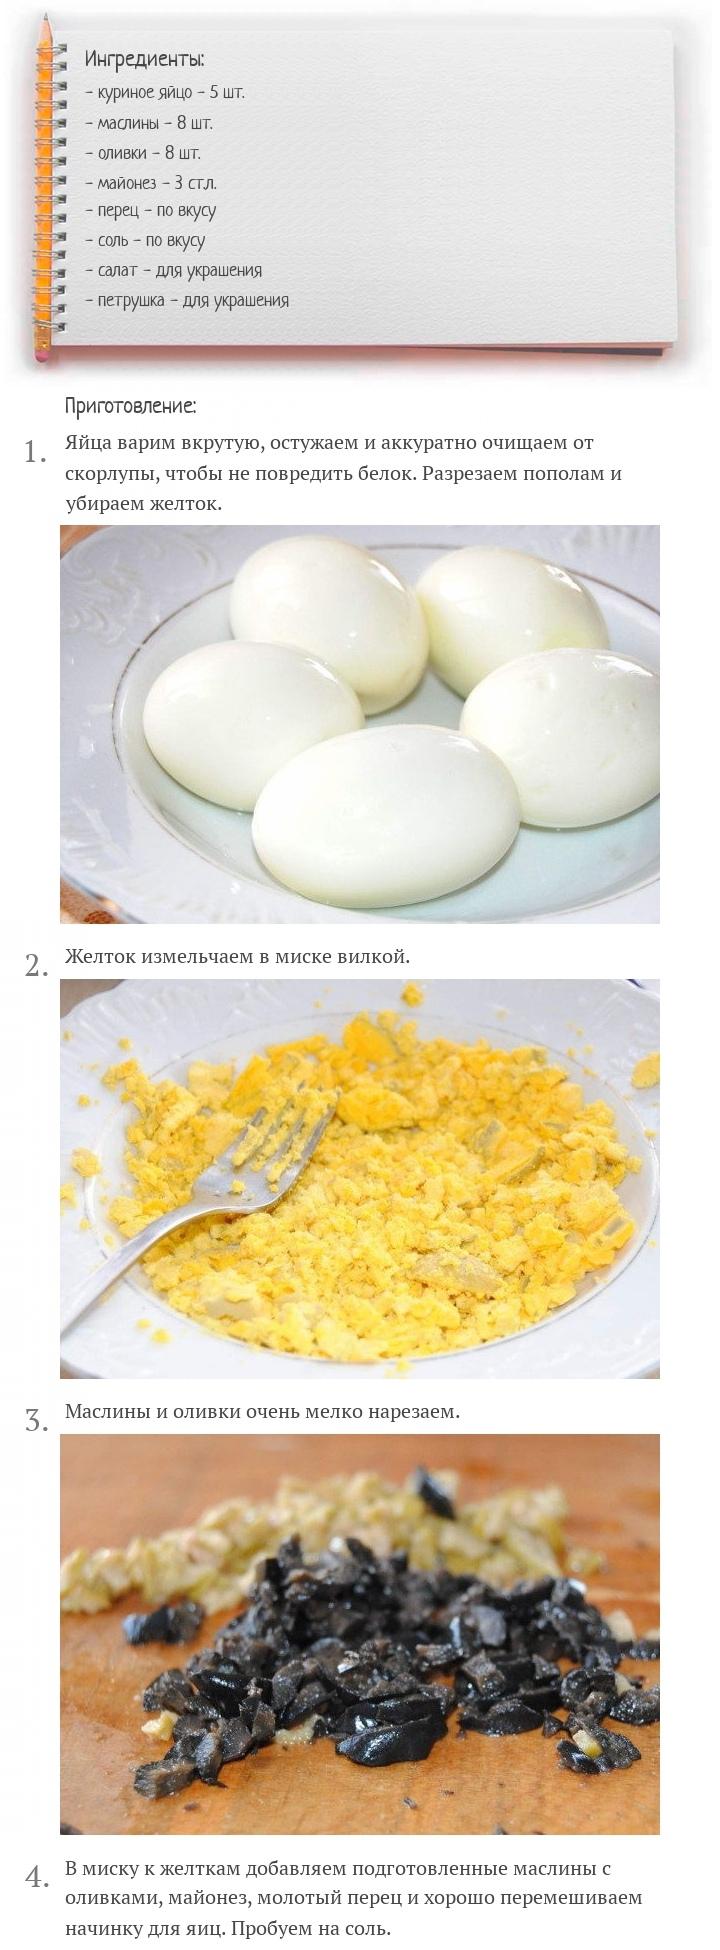 Яйца, фаршированные маслинами и оливками, изображение №2